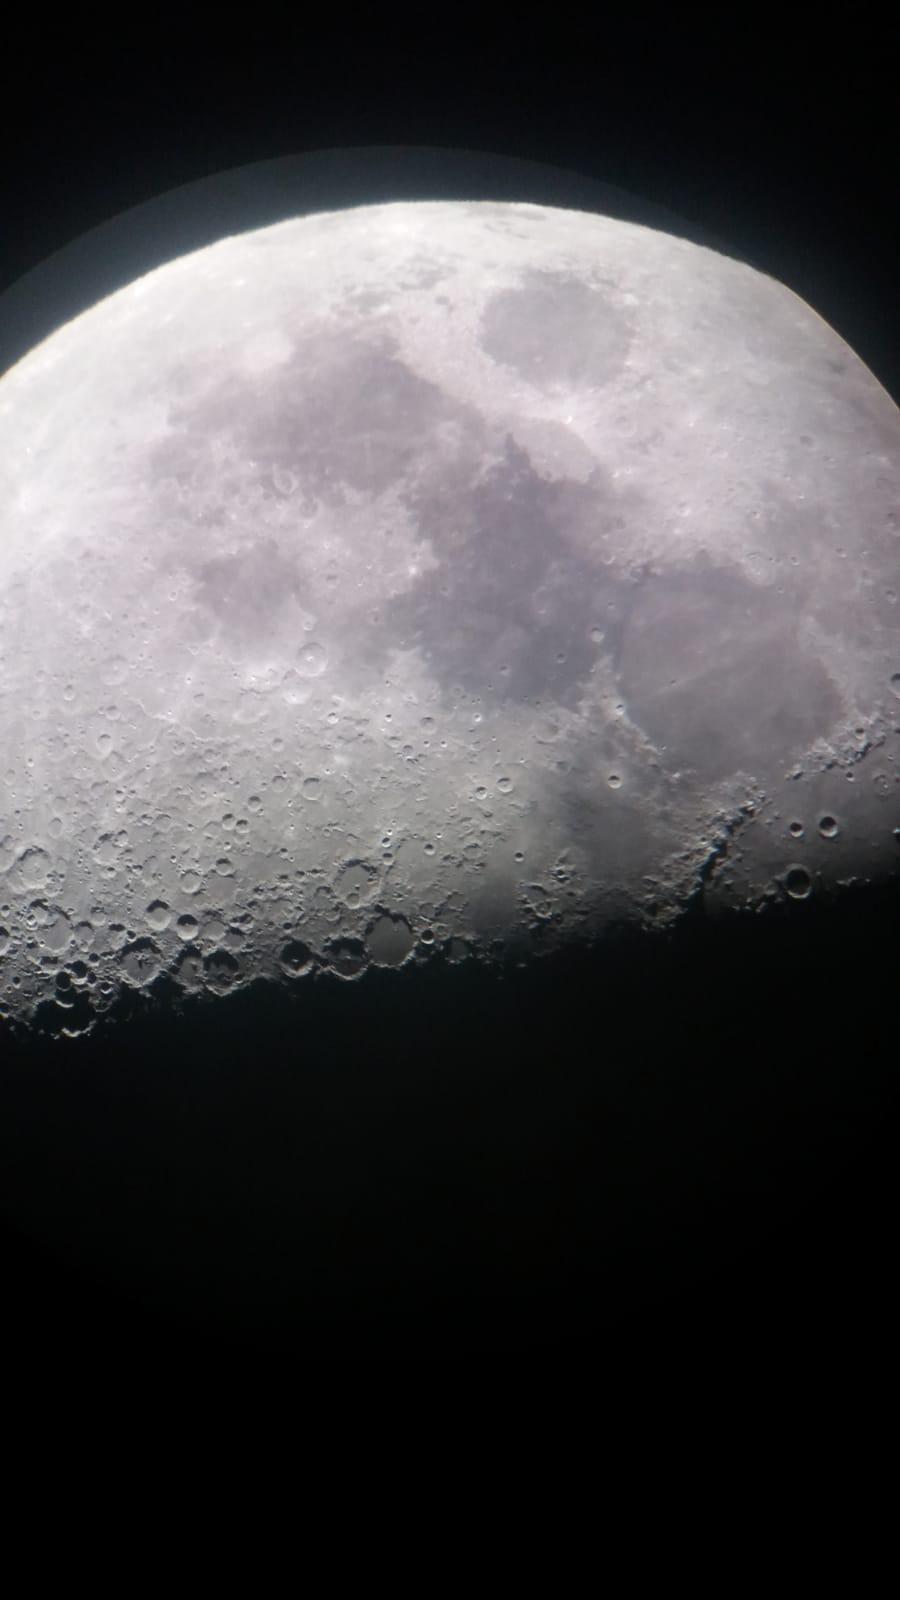 Observacion astronomica en Monterroso. Todocosmos. Instituto de Estudos Ulloáns